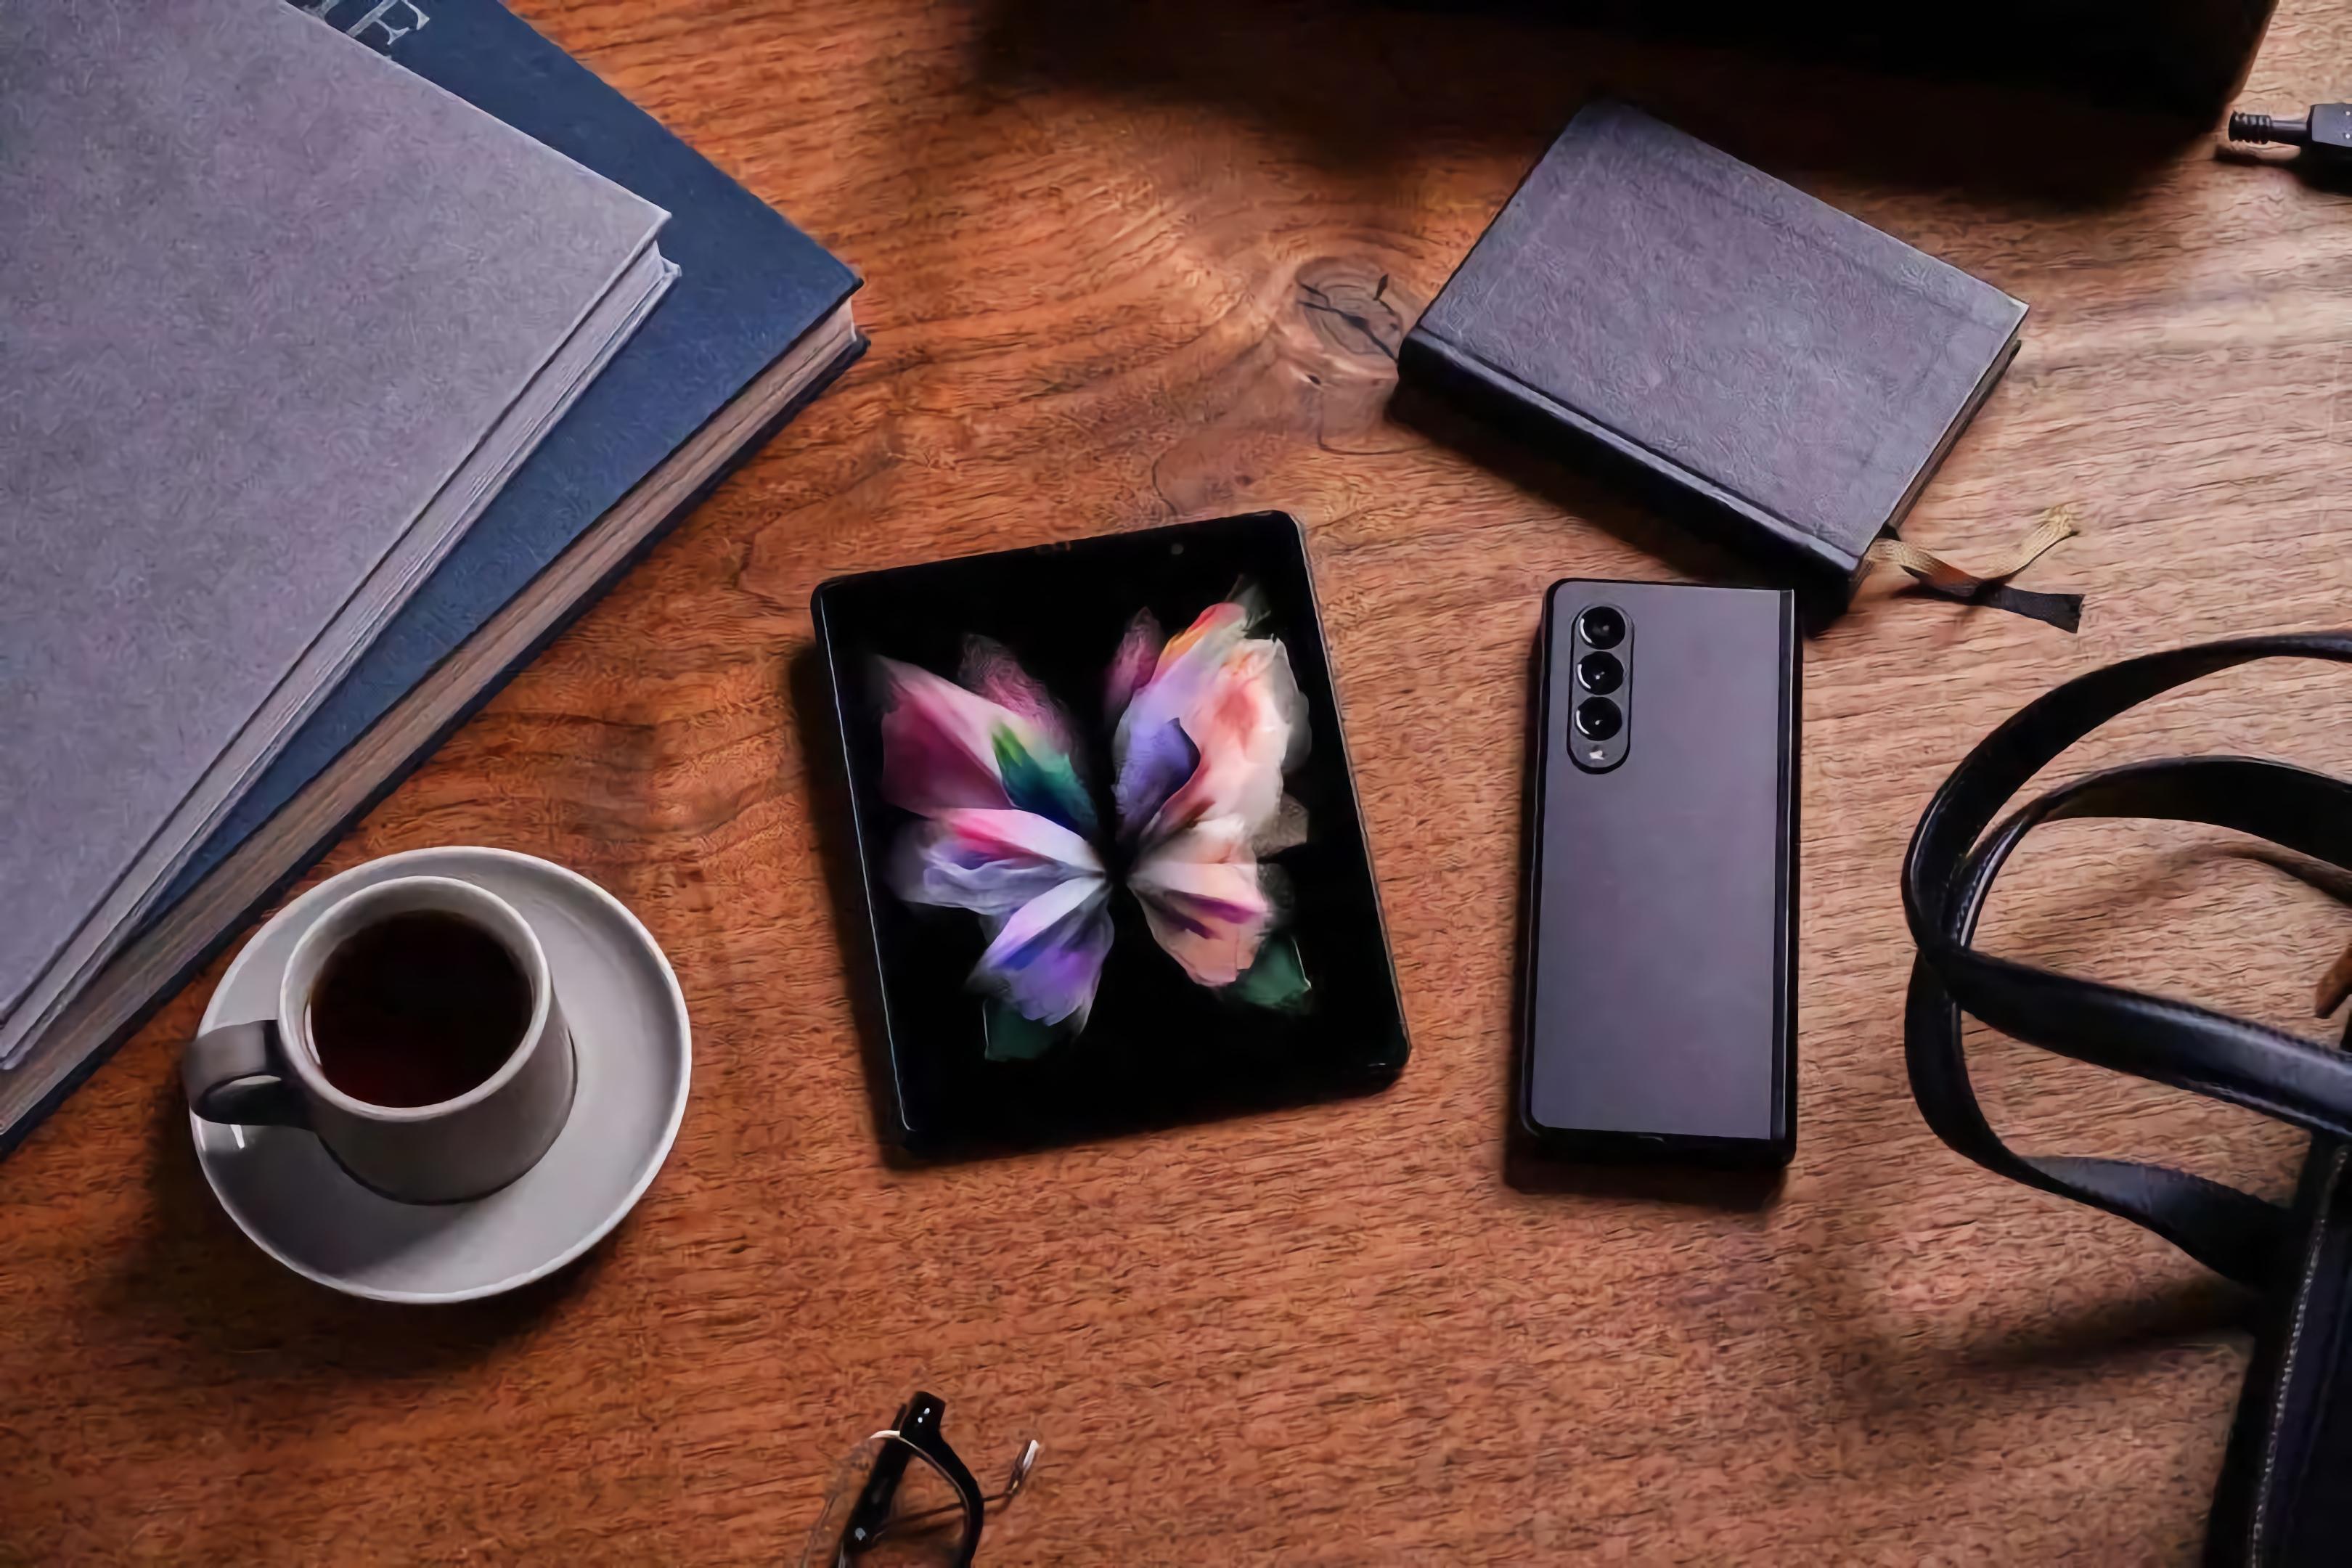 Неожиданно: складной смартфон Samsung Galaxy Z Fold 3 получил поддержку eSIM и слот сразу для двух физических SIM-карт